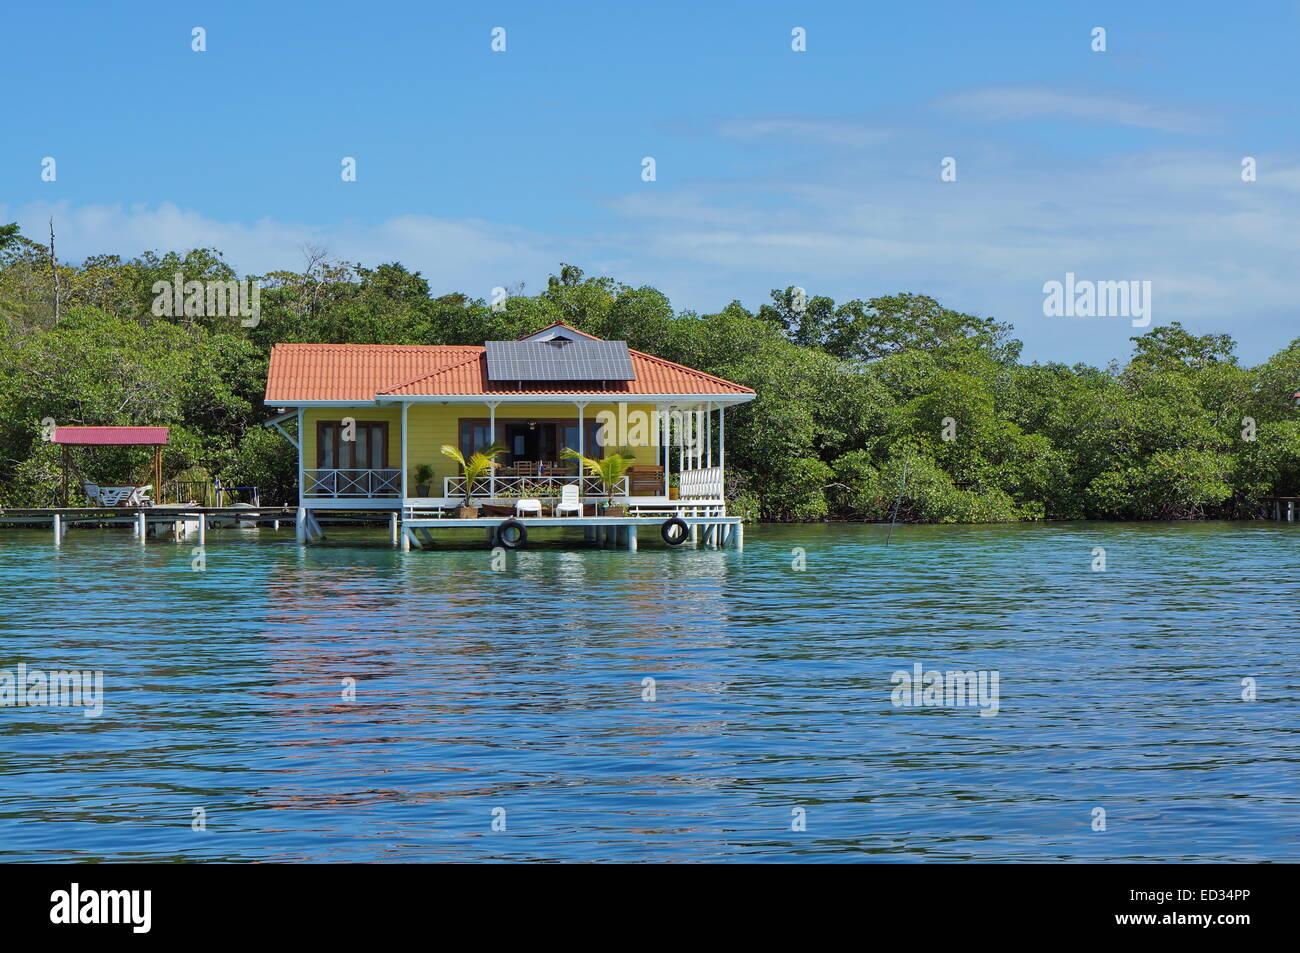 Off Grid Haus oberhalb des Meeres mit Sonnenkollektoren auf dem Dach, Karibik, Panama Stockbild